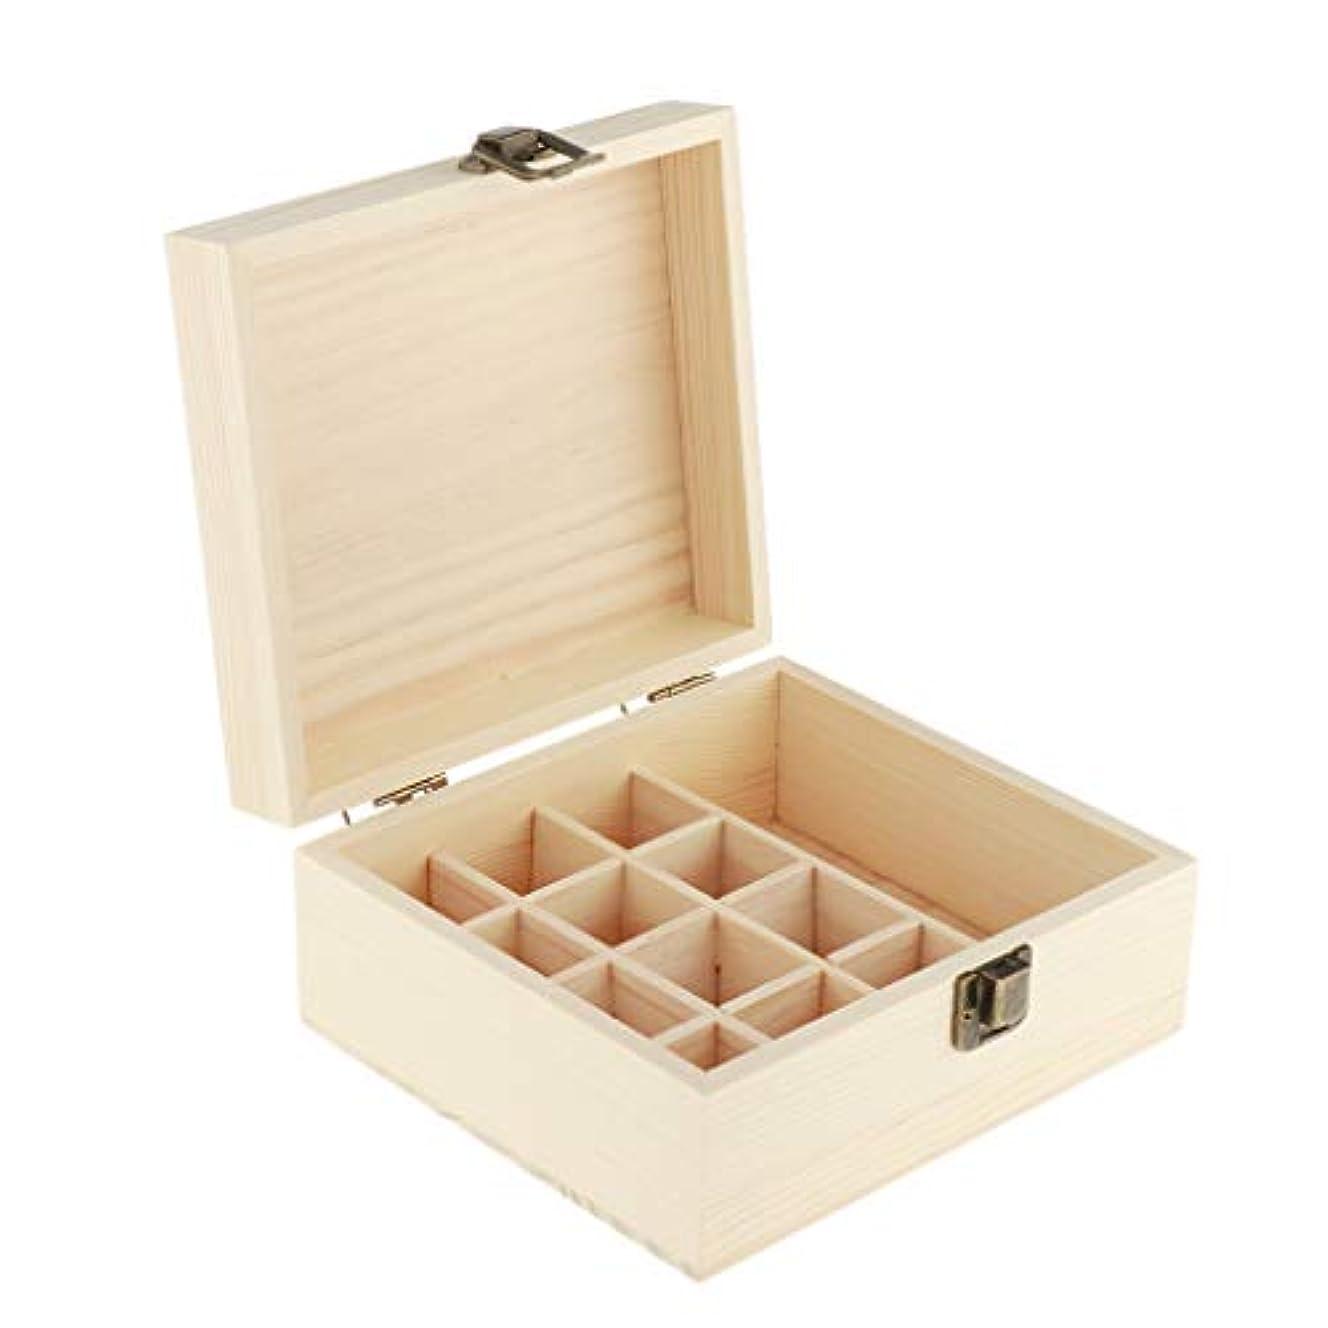 拒否豆腐直感P Prettyia エッセンシャルオイル キャリング ケース 木製収納 オーガナイザー ディスプレイ